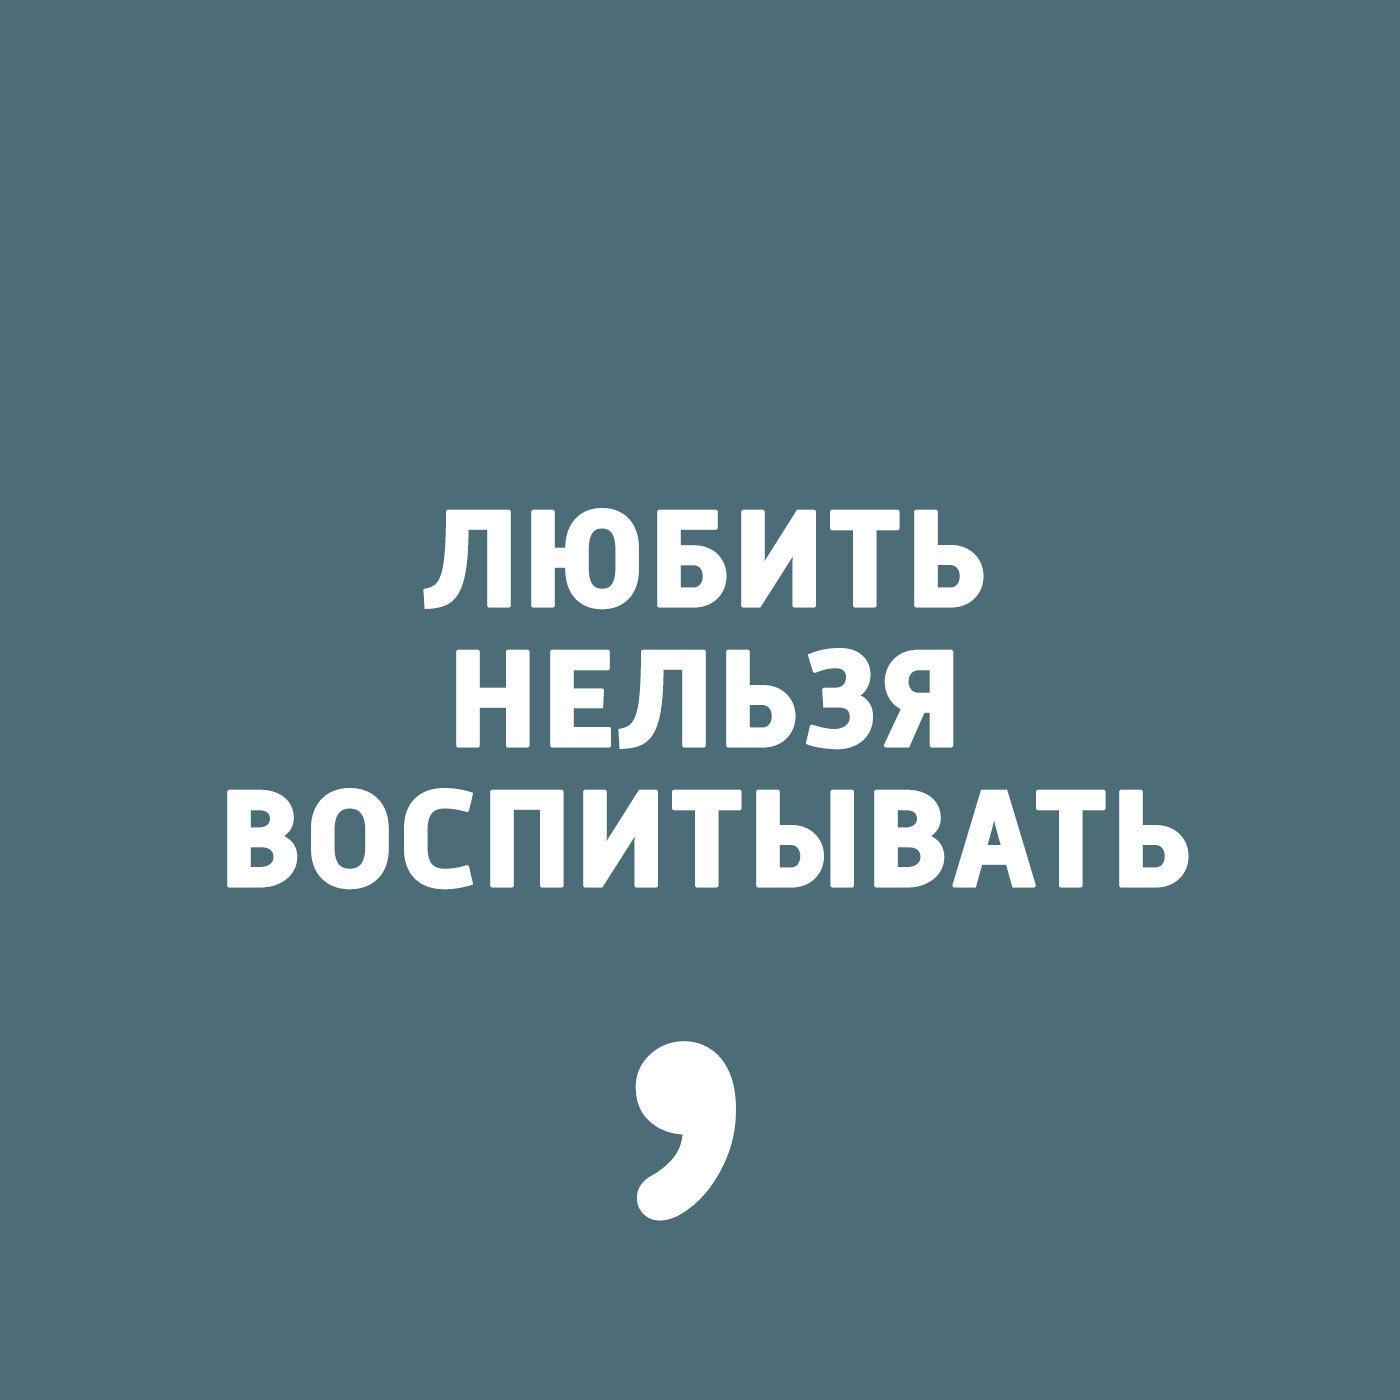 Дима Зицер Выпуск 31 дима зицер любить нельзя воспитывать